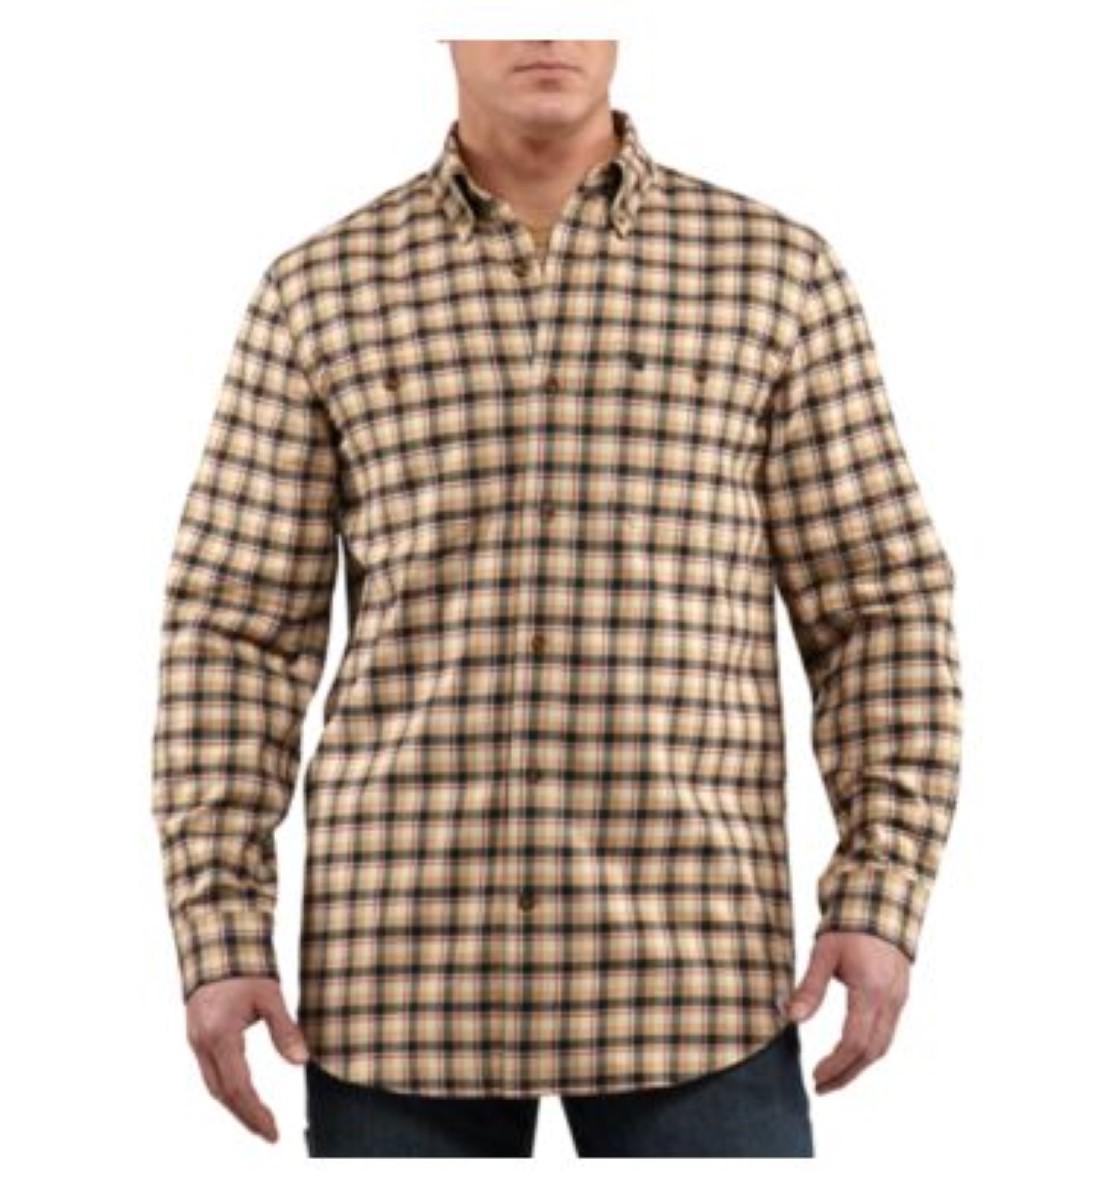 Carhartt mens trumbull plaid shirt long sleeve 100597 for Mens plaid shirts long sleeve